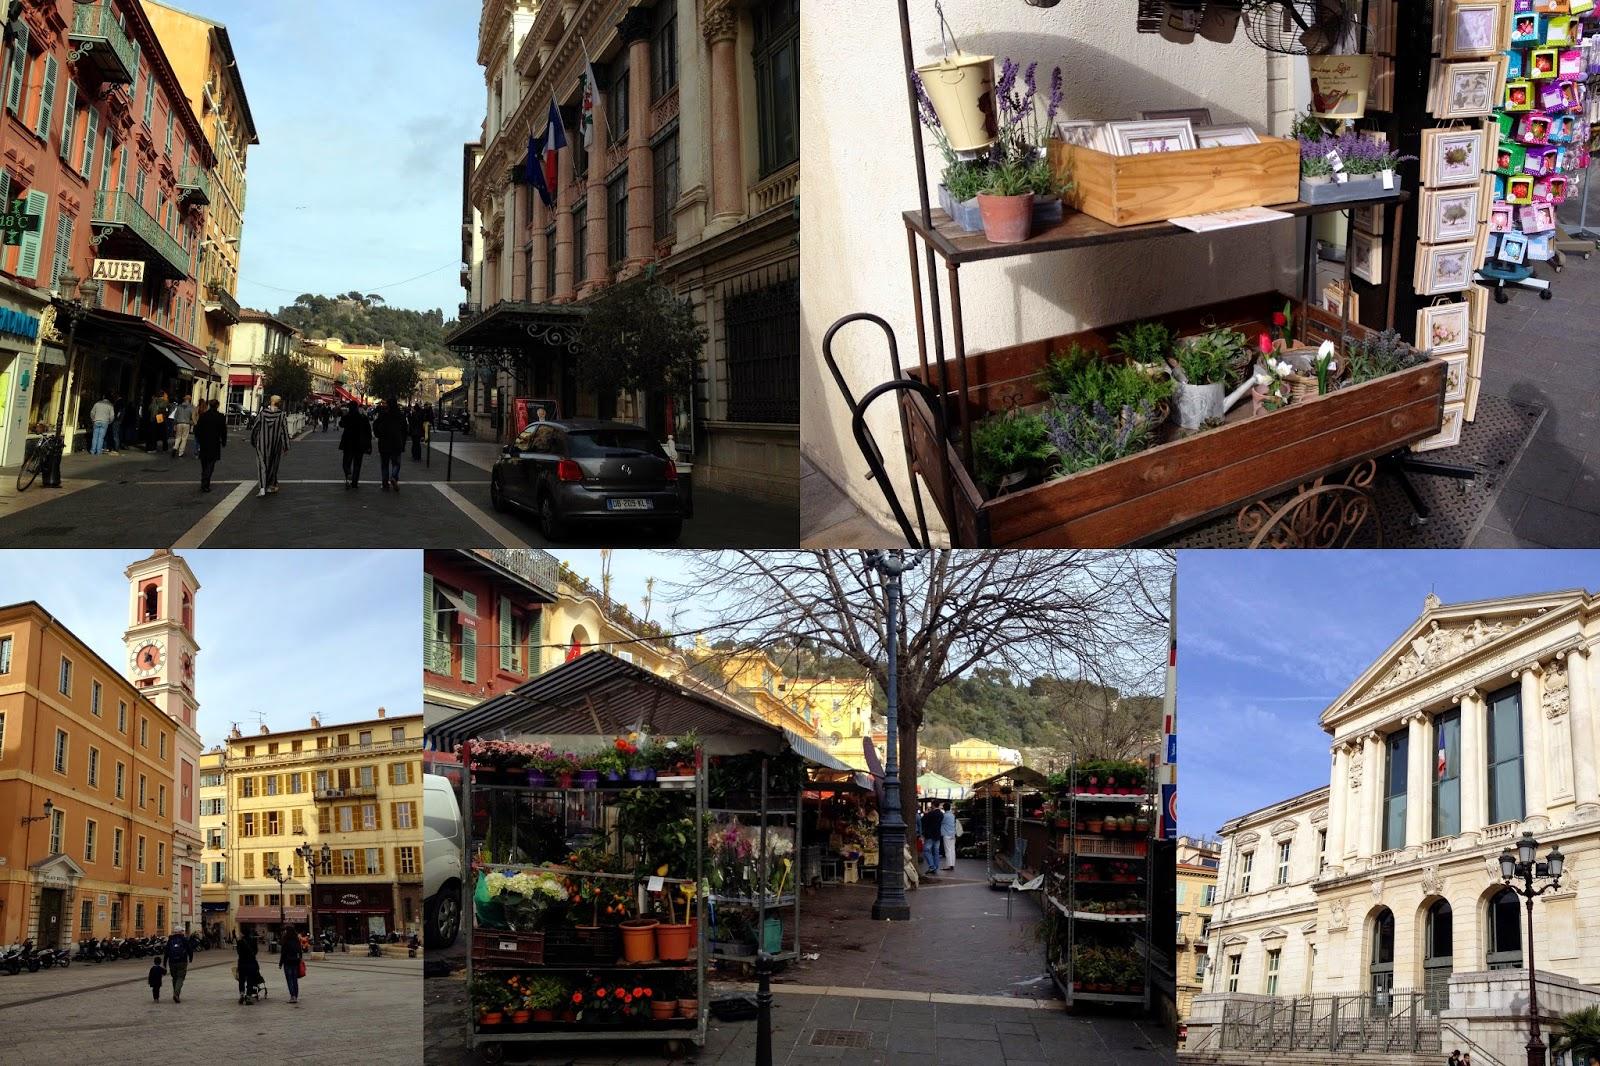 visitas imprescindibles en Niza